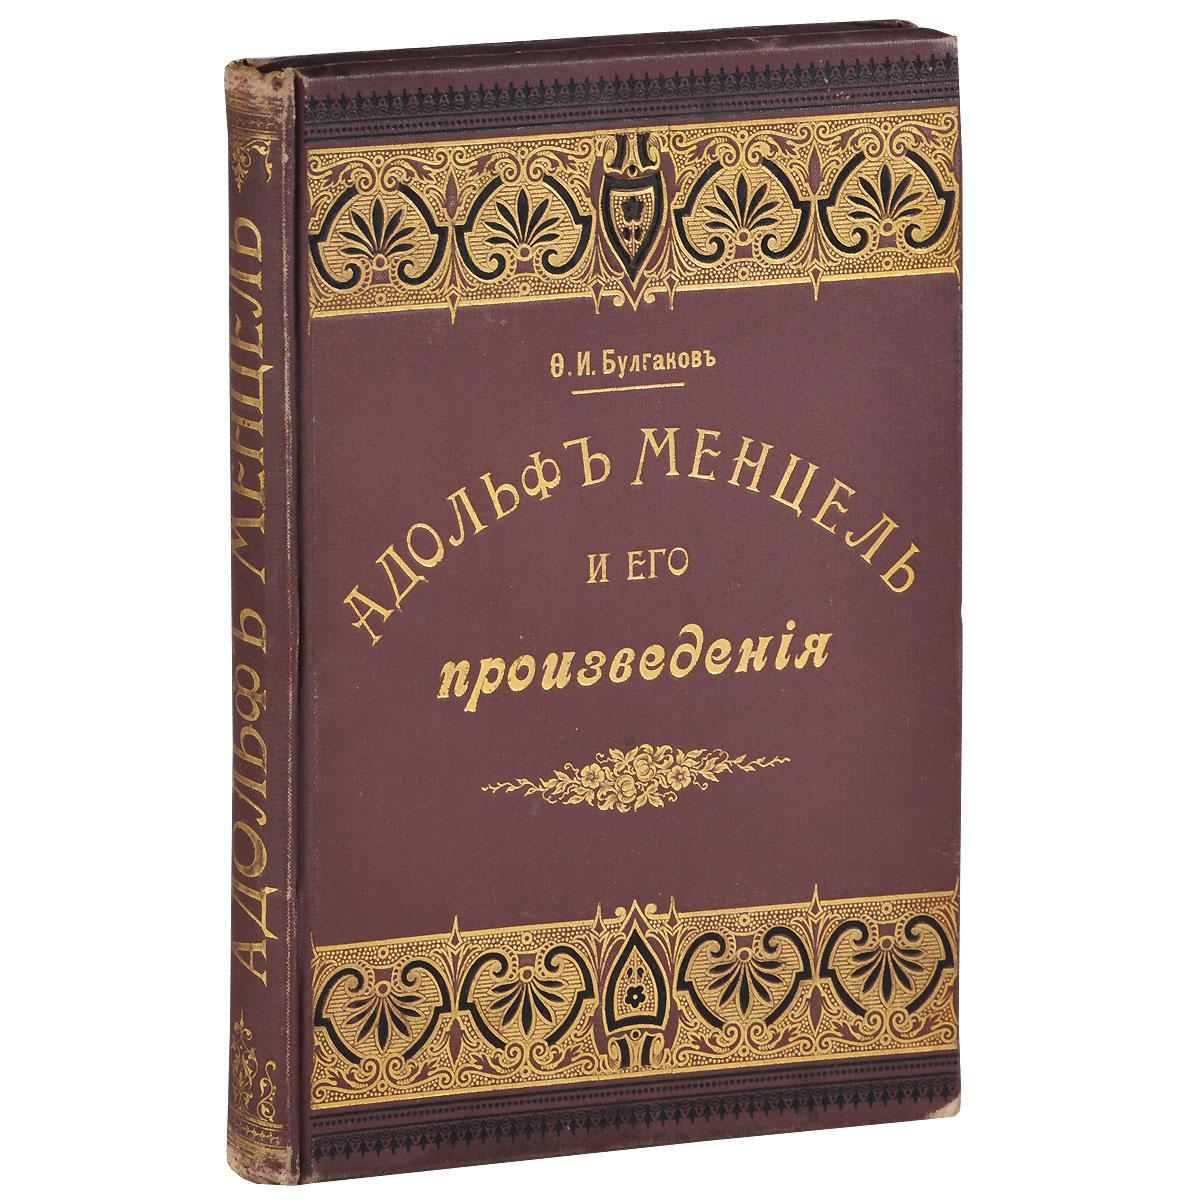 Знаменитые художники XIX века. Адольф Менцель и его произведения | Булгаков Федор Ильич  #1